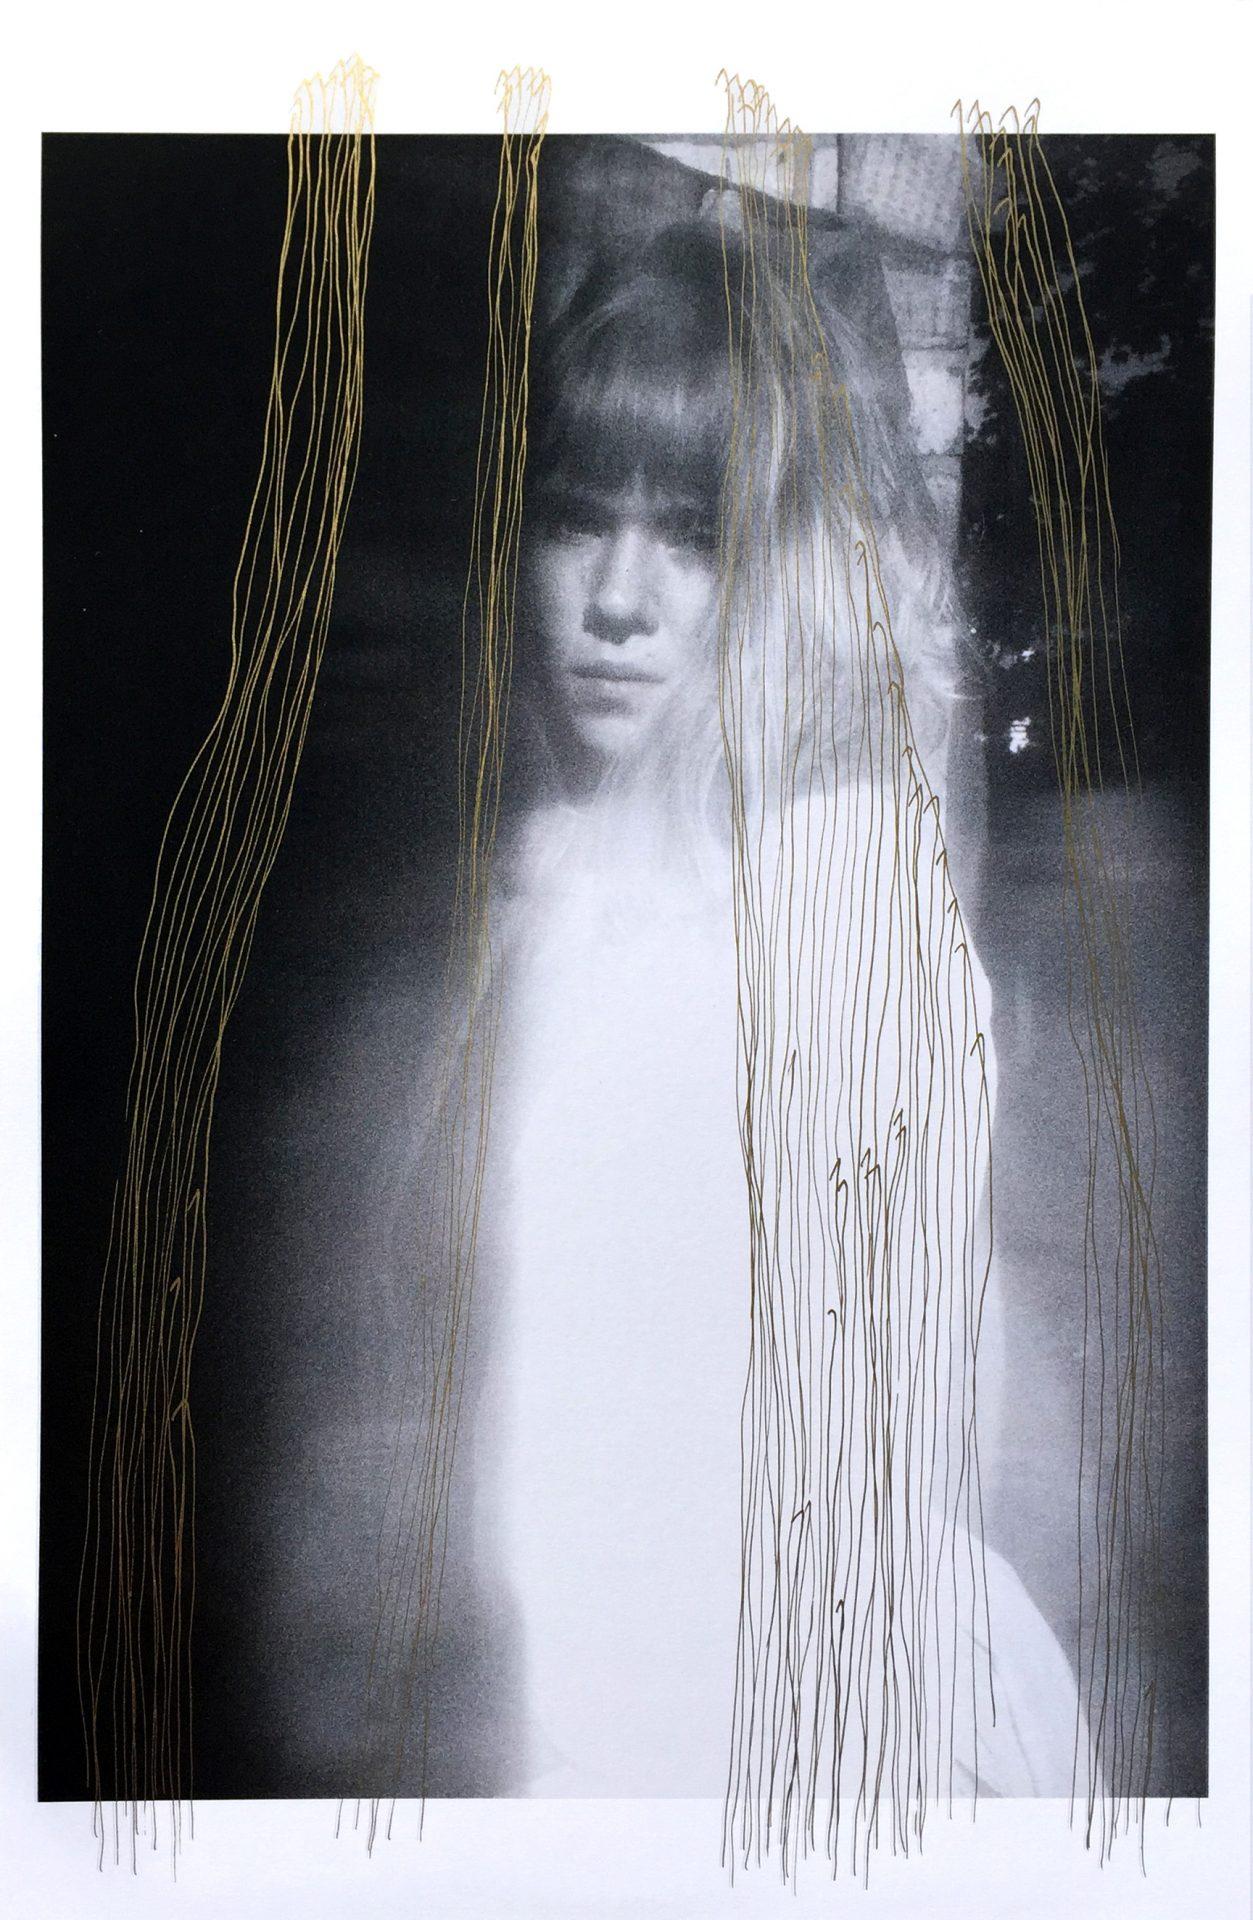 Arik Miranda, Untitled (from 'Forever and a Day'), 2015, felt pen on inkjet print, 49x32 cm (2)